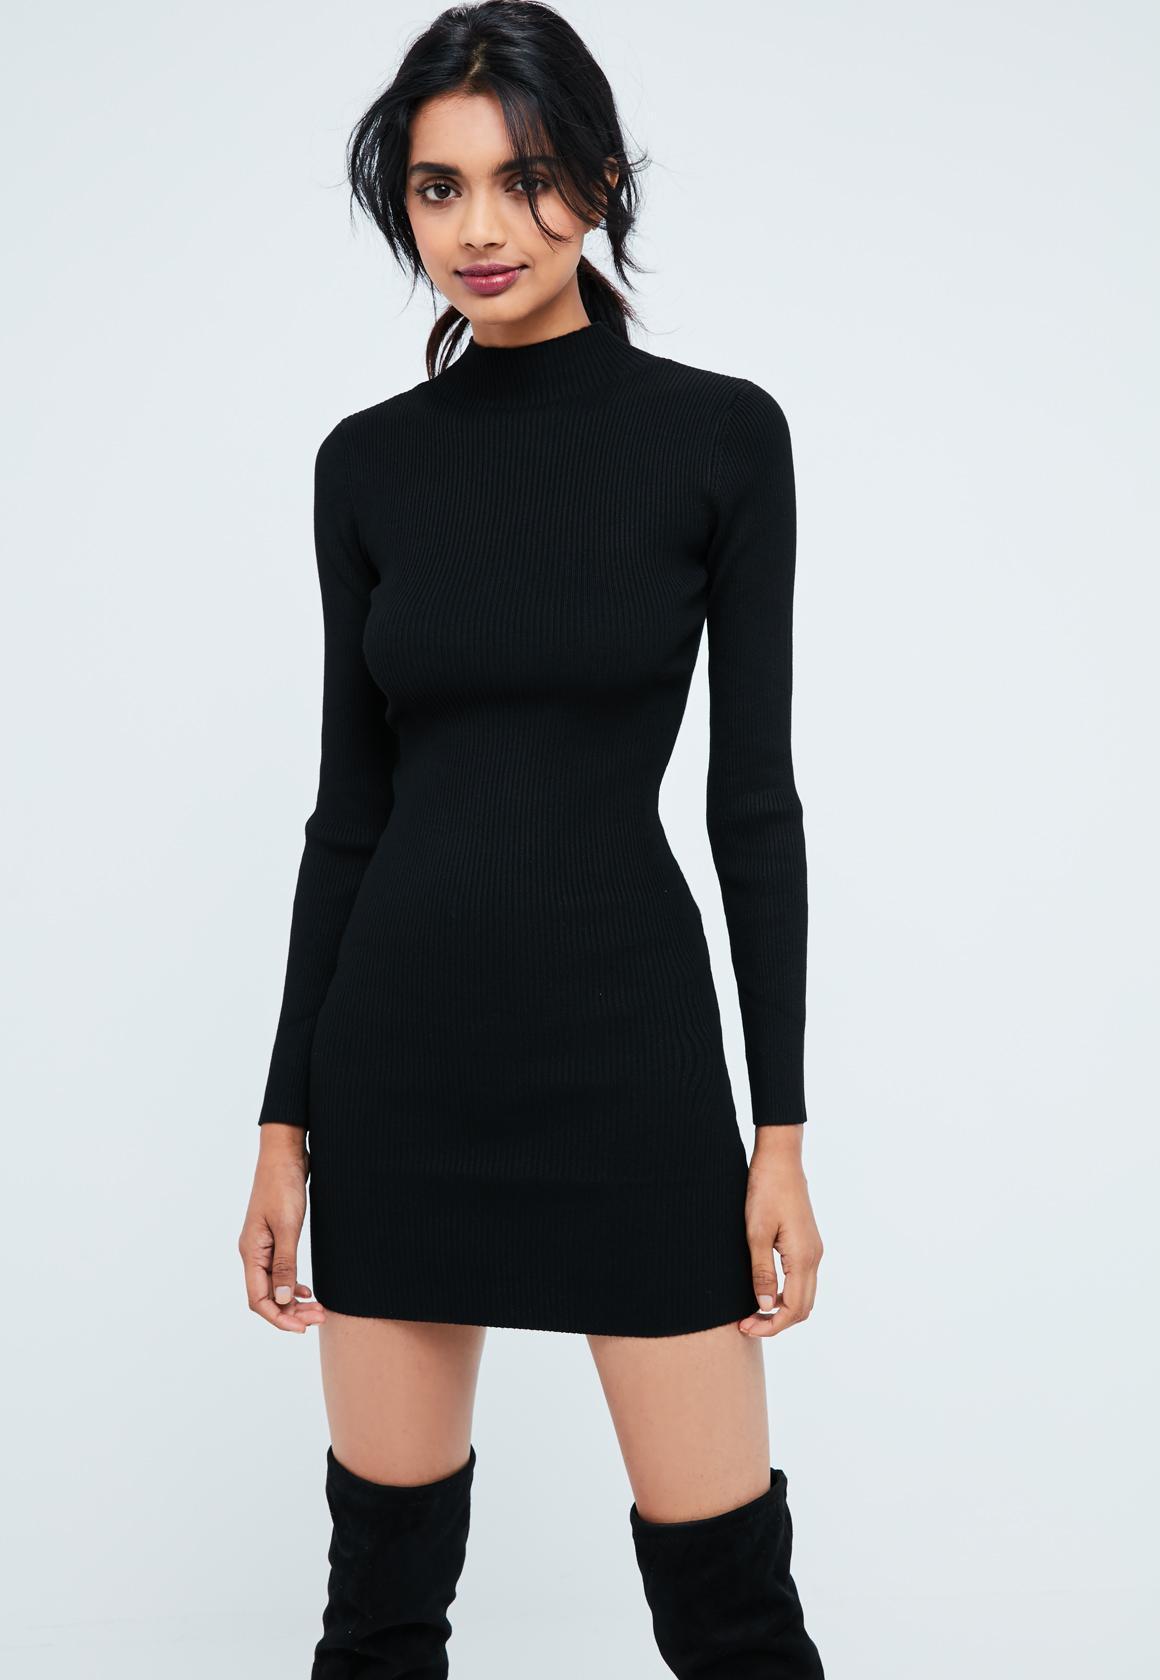 Robe noir simple manche longue